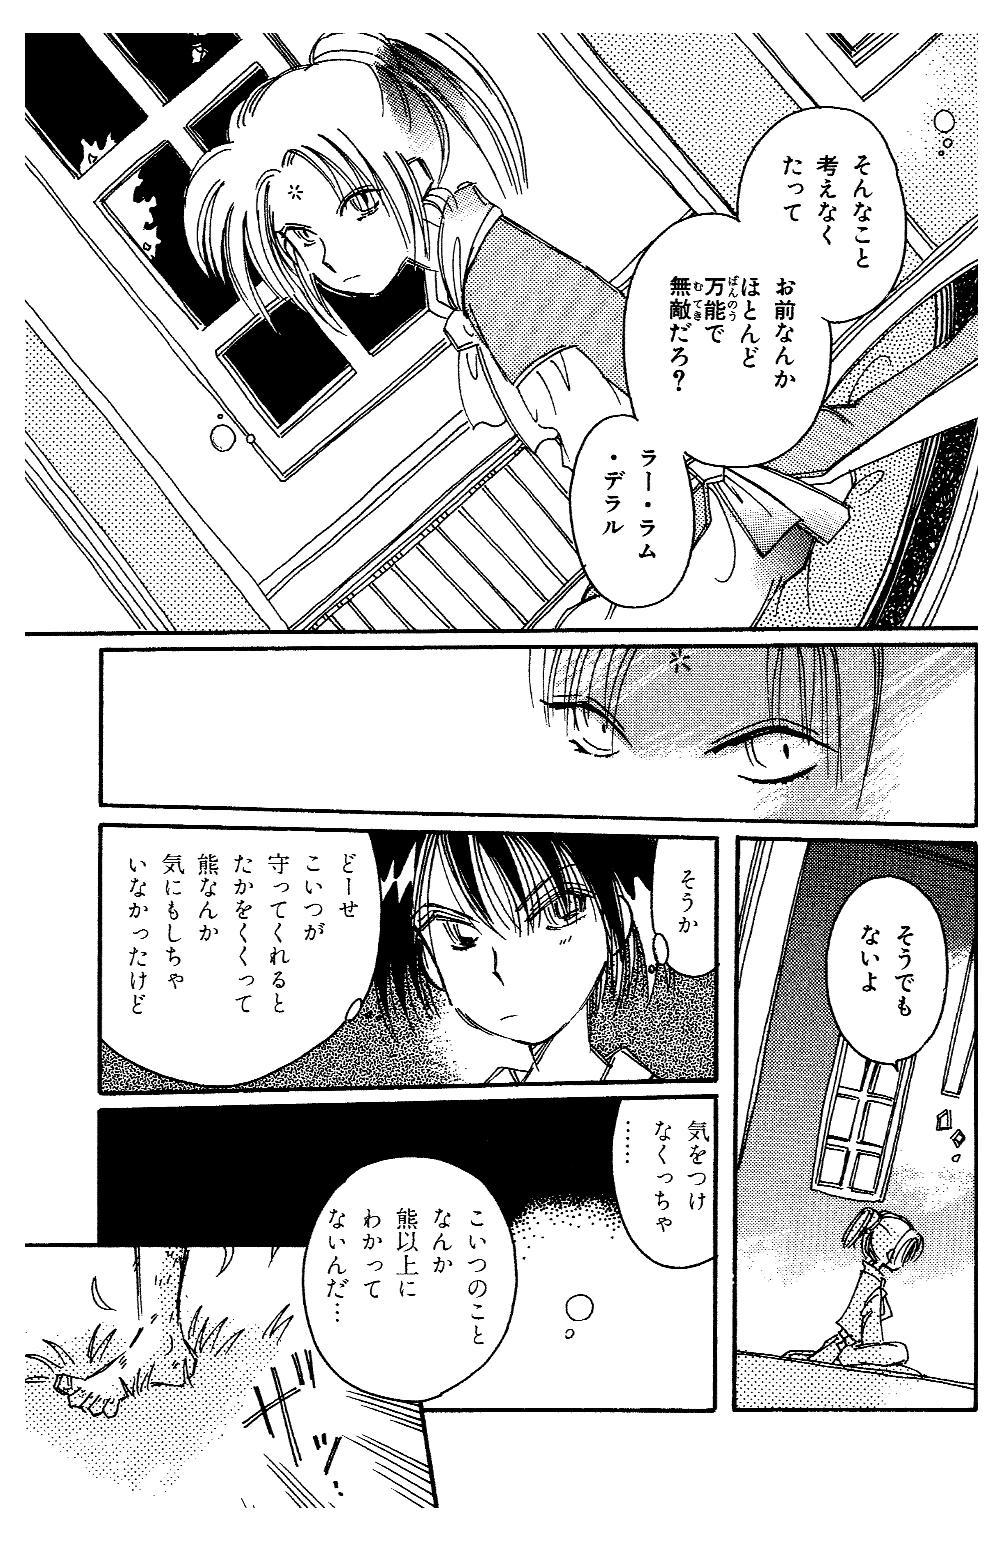 チキタ★GUGU 第3話chikitagg05-06.jpg